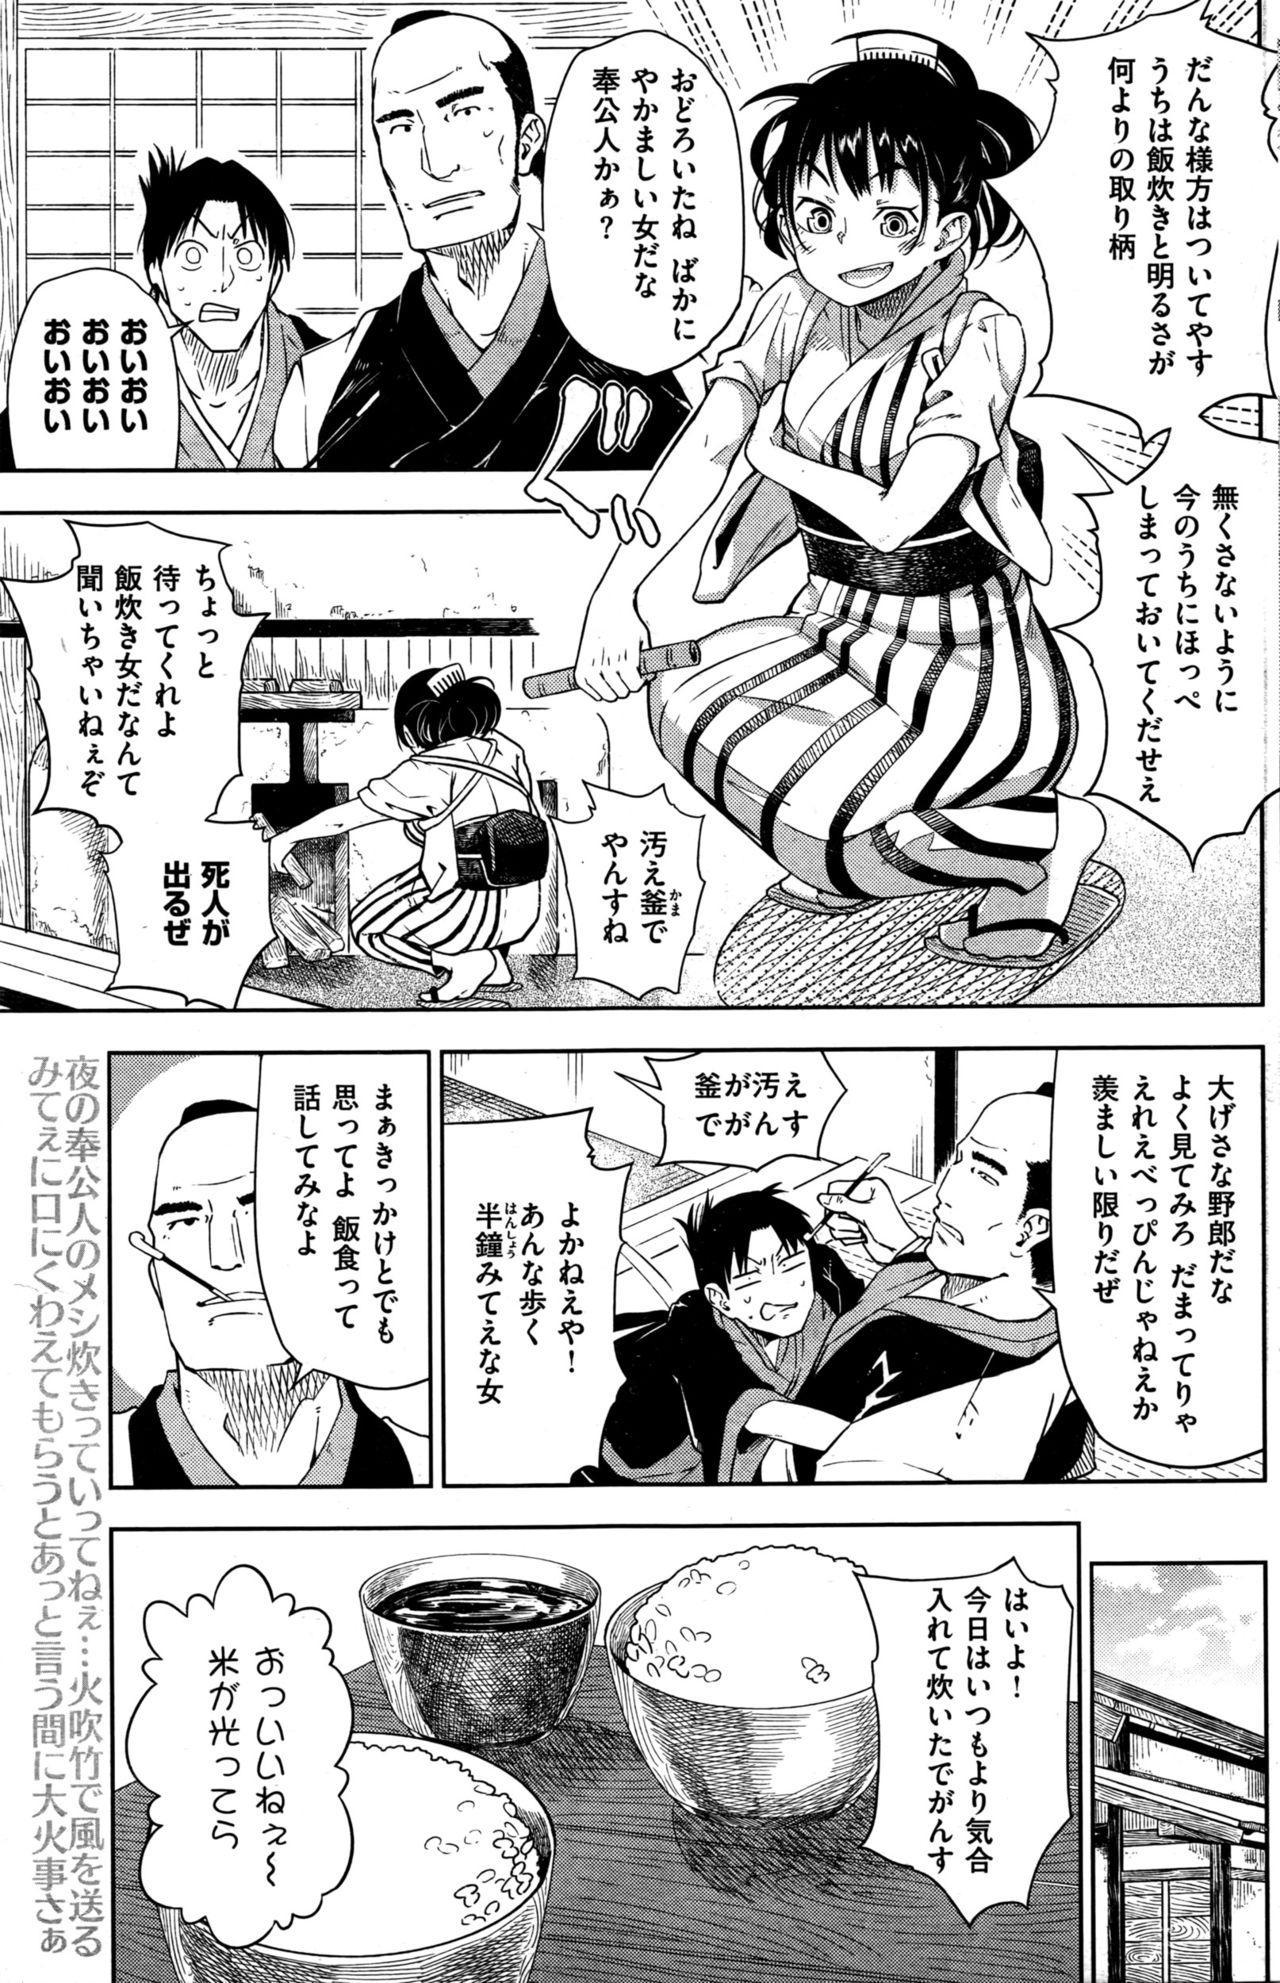 COMIC Kairakuten 2016-05 193